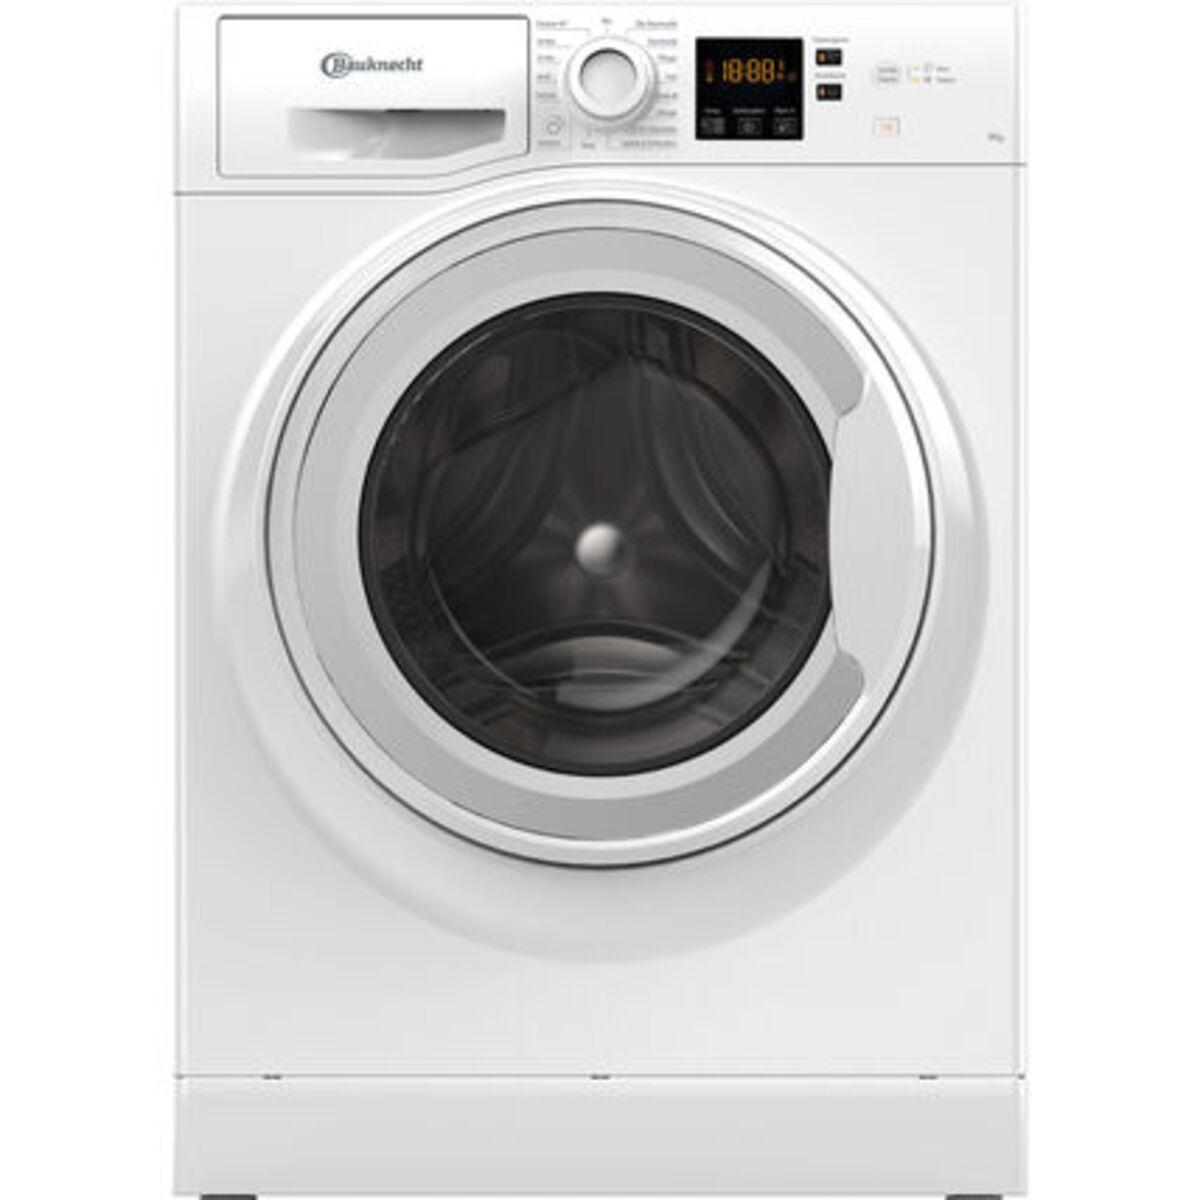 Bild 1 von Bauknecht WWA 843 Waschmaschine, 8kg, D